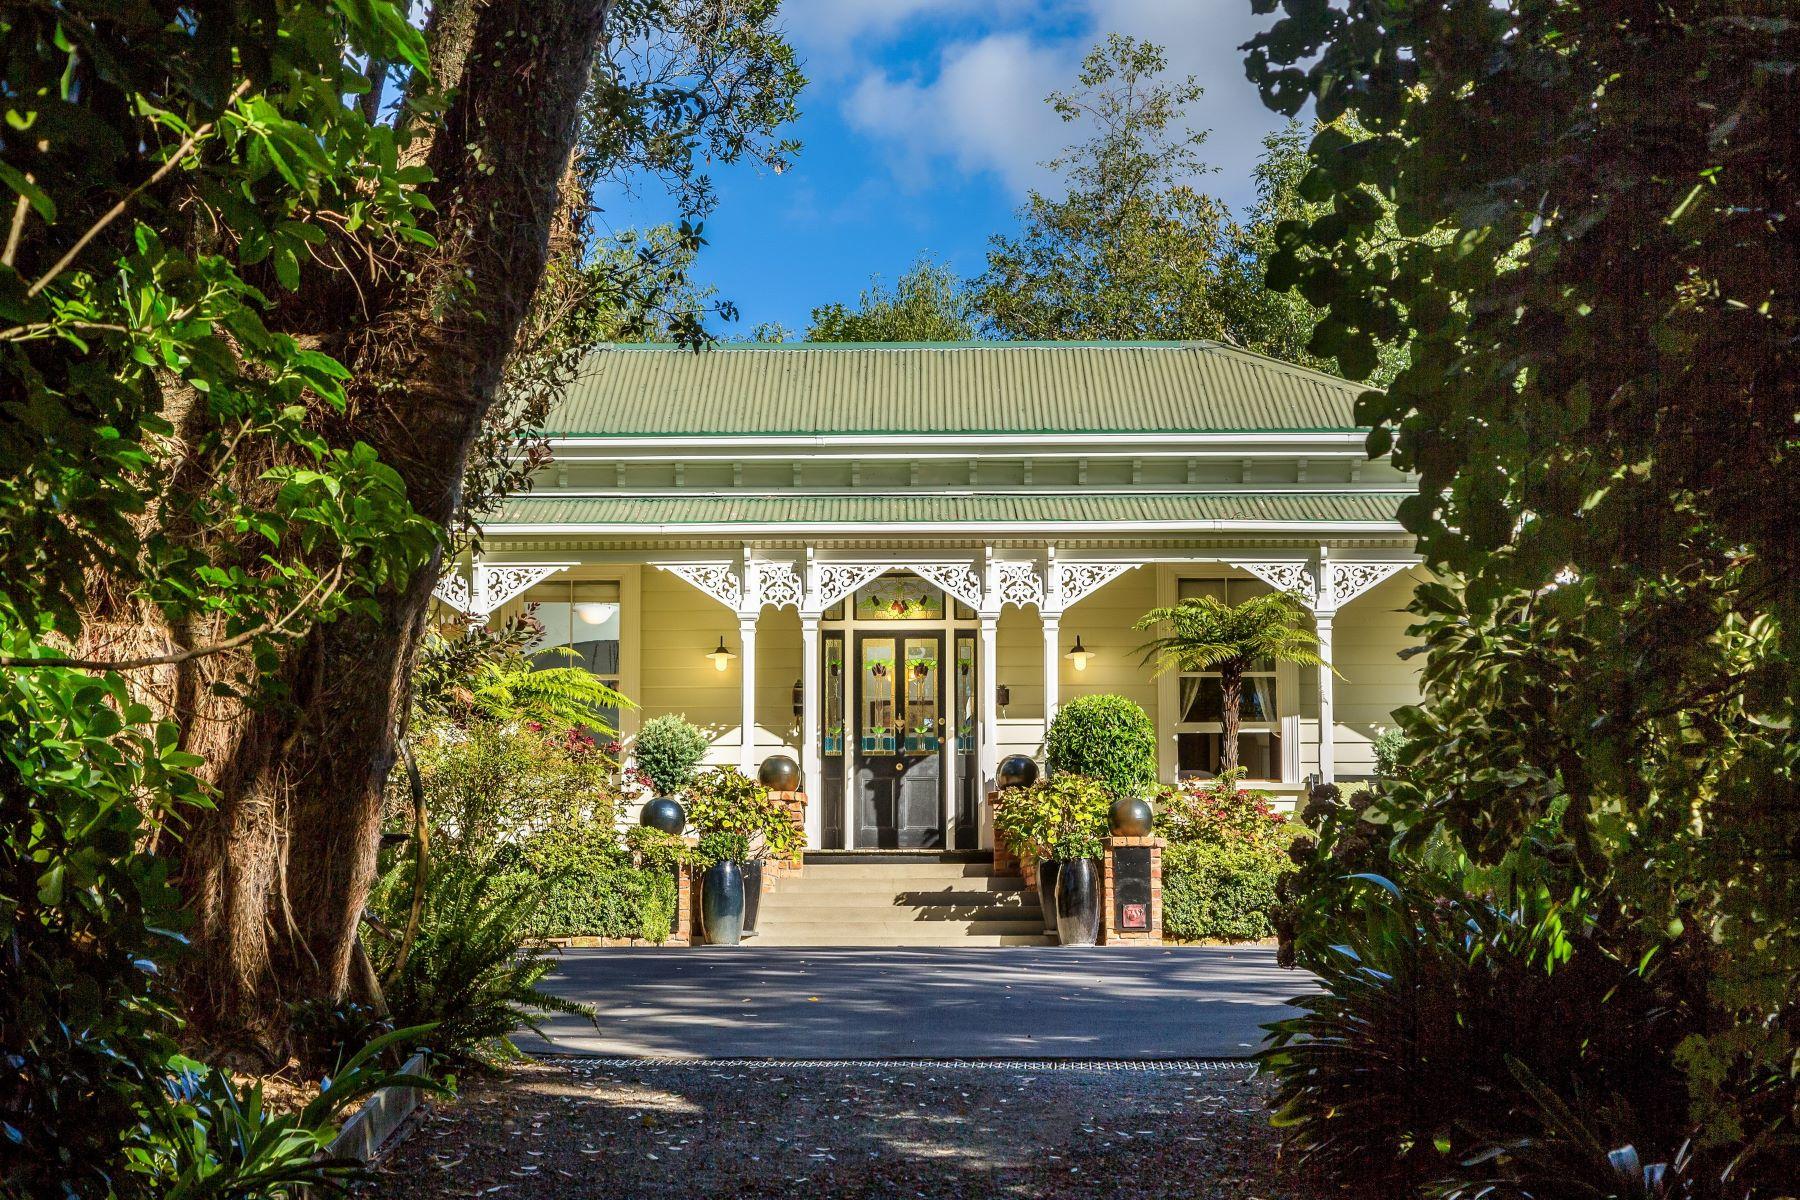 独户住宅 为 销售 在 The Coach House 61B Pratts Road Ramarama 奥克兰, 奥克兰, 2579 新西兰